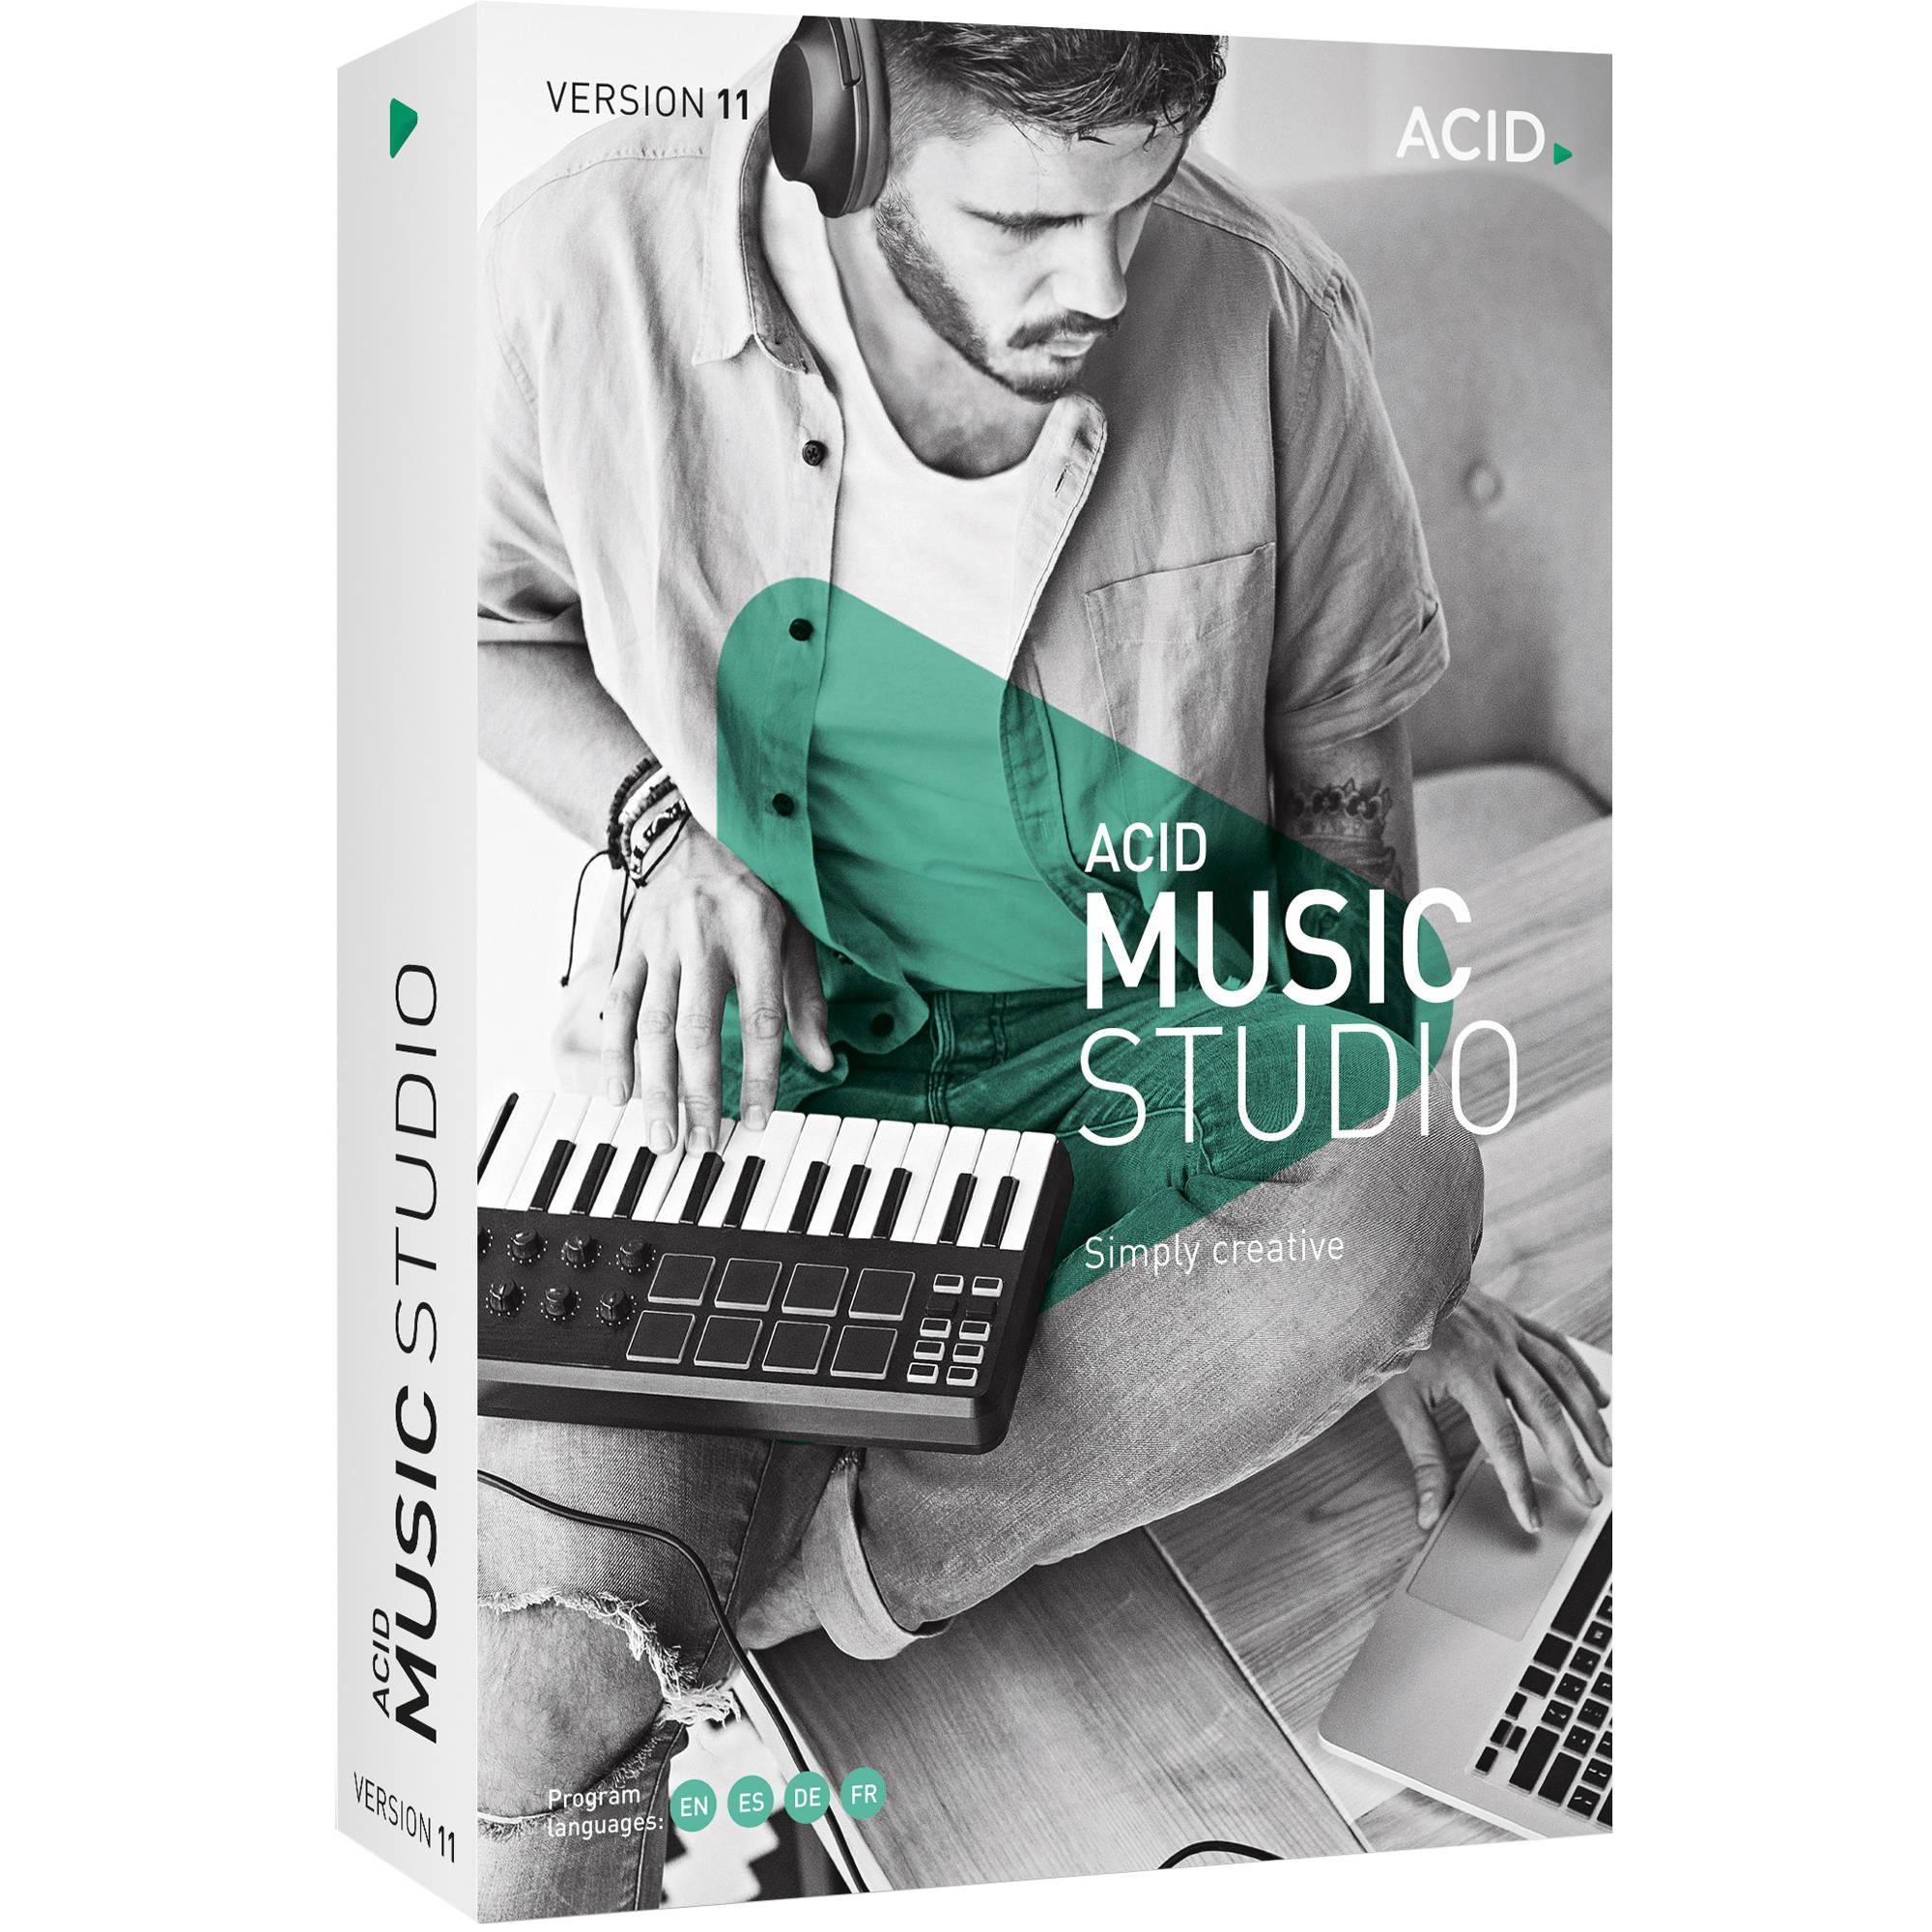 Download magix samplitude music studio esd | dell usa.